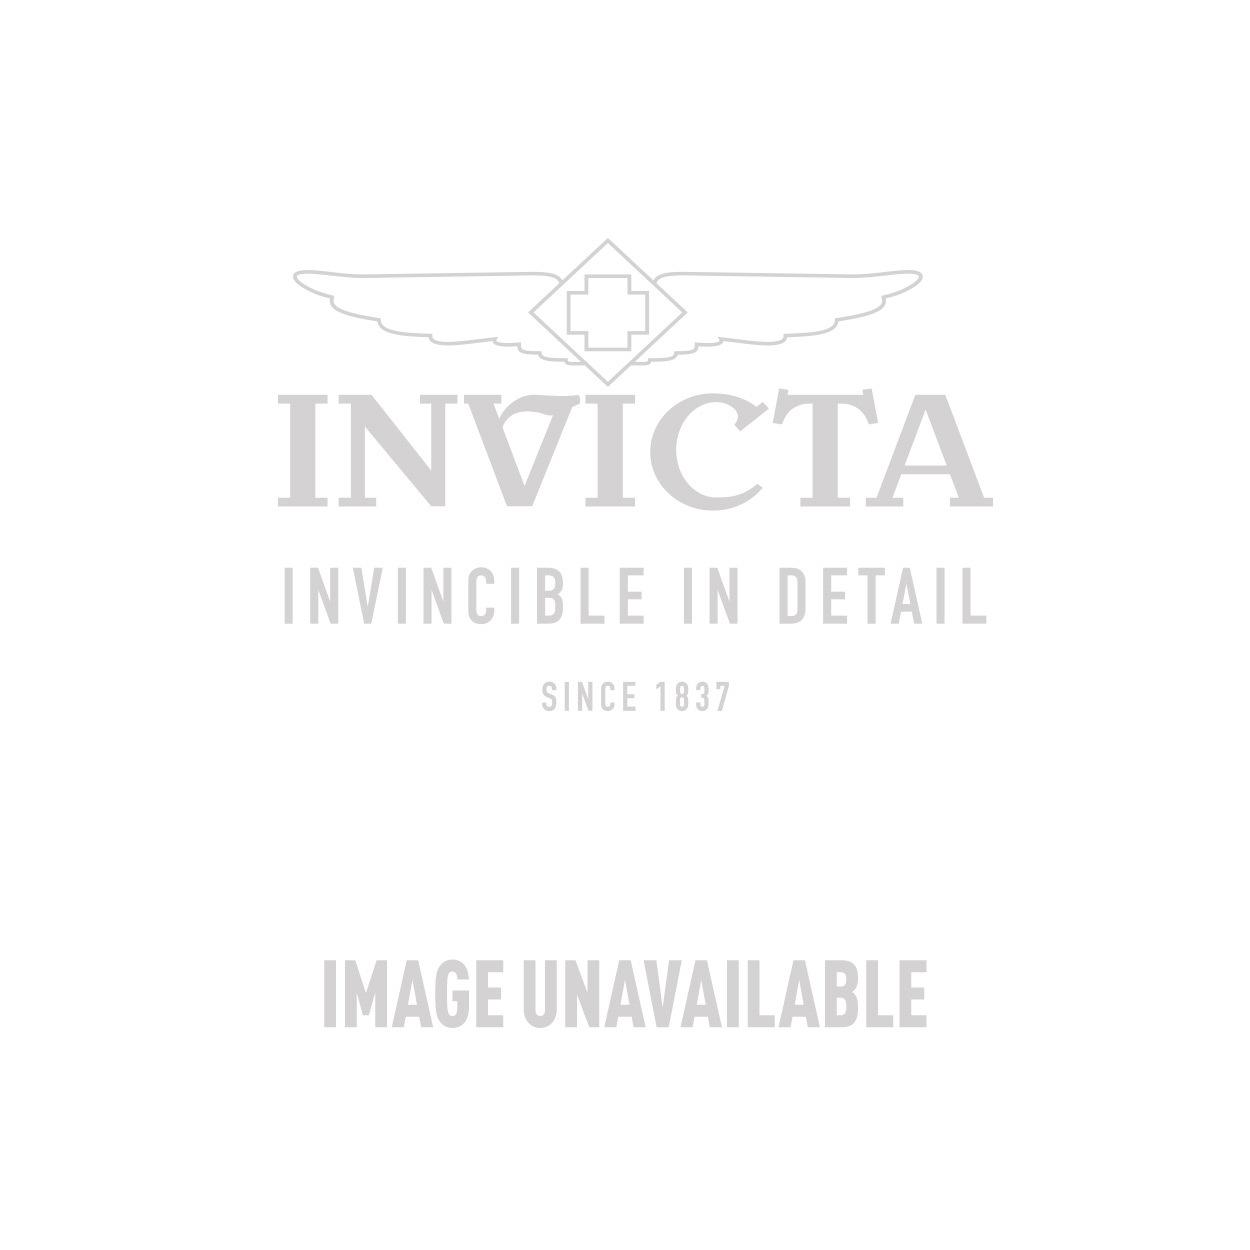 Invicta Model 27242